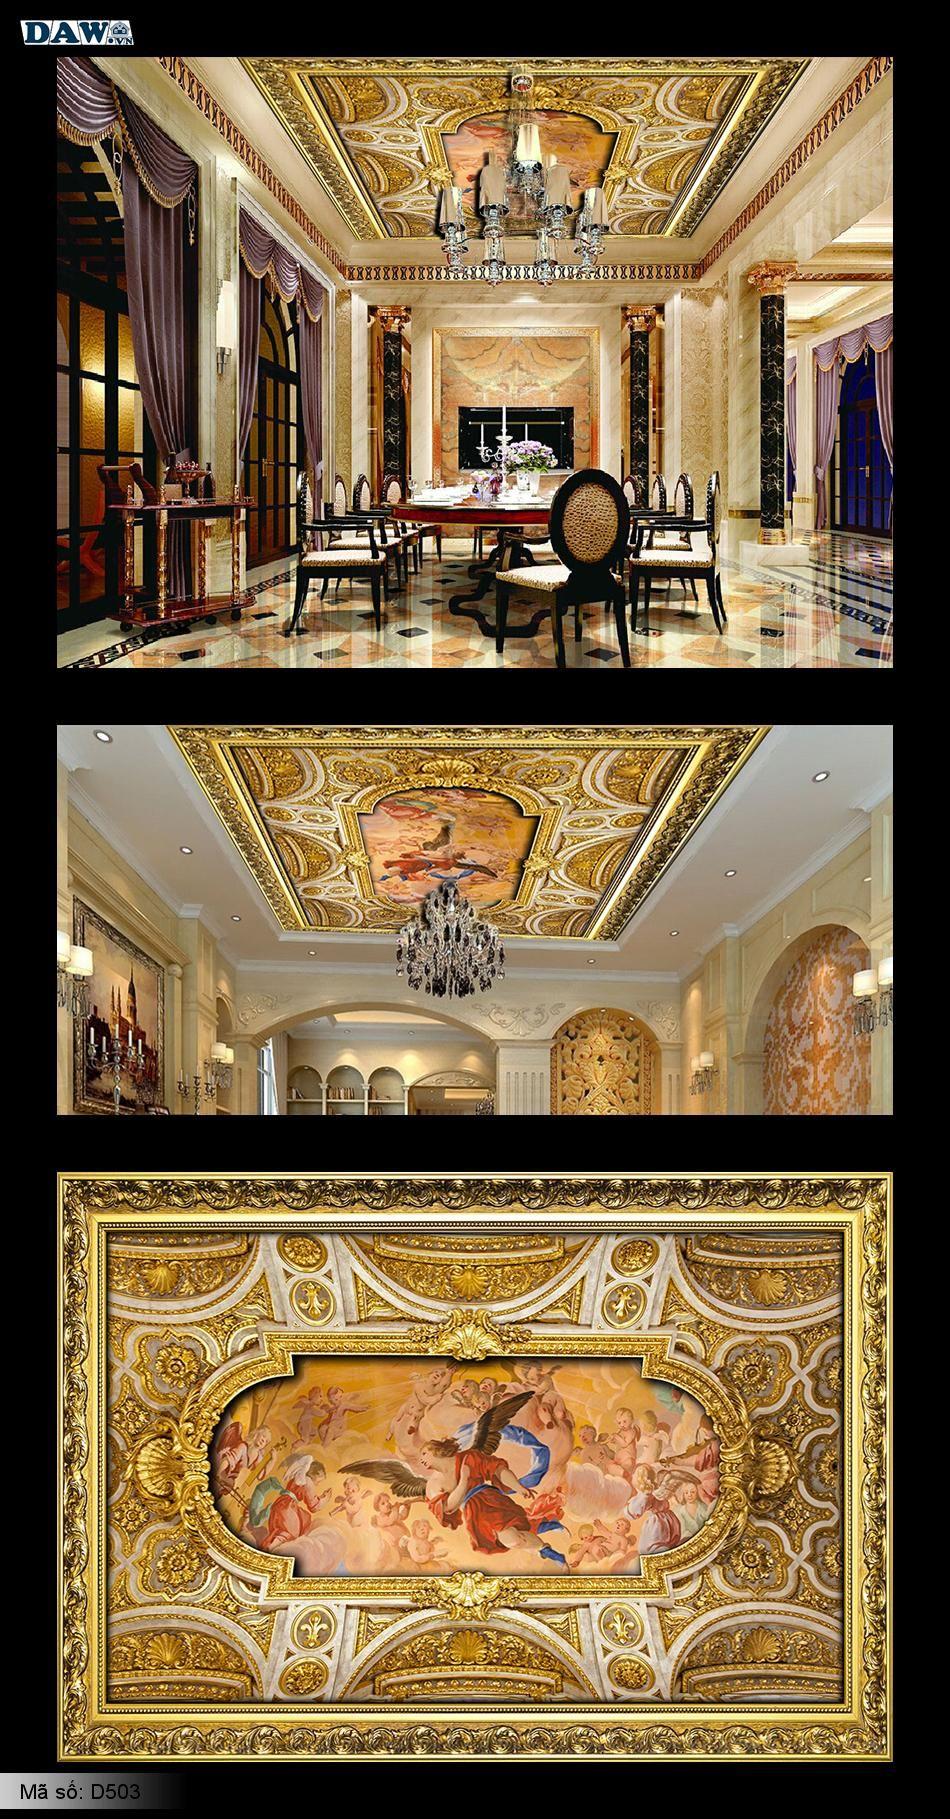 Trần đẹp, tranh dán trần cổ điển, tranh dán tường trần 3D, trần nhà 3D, trần nhà đẹp D503